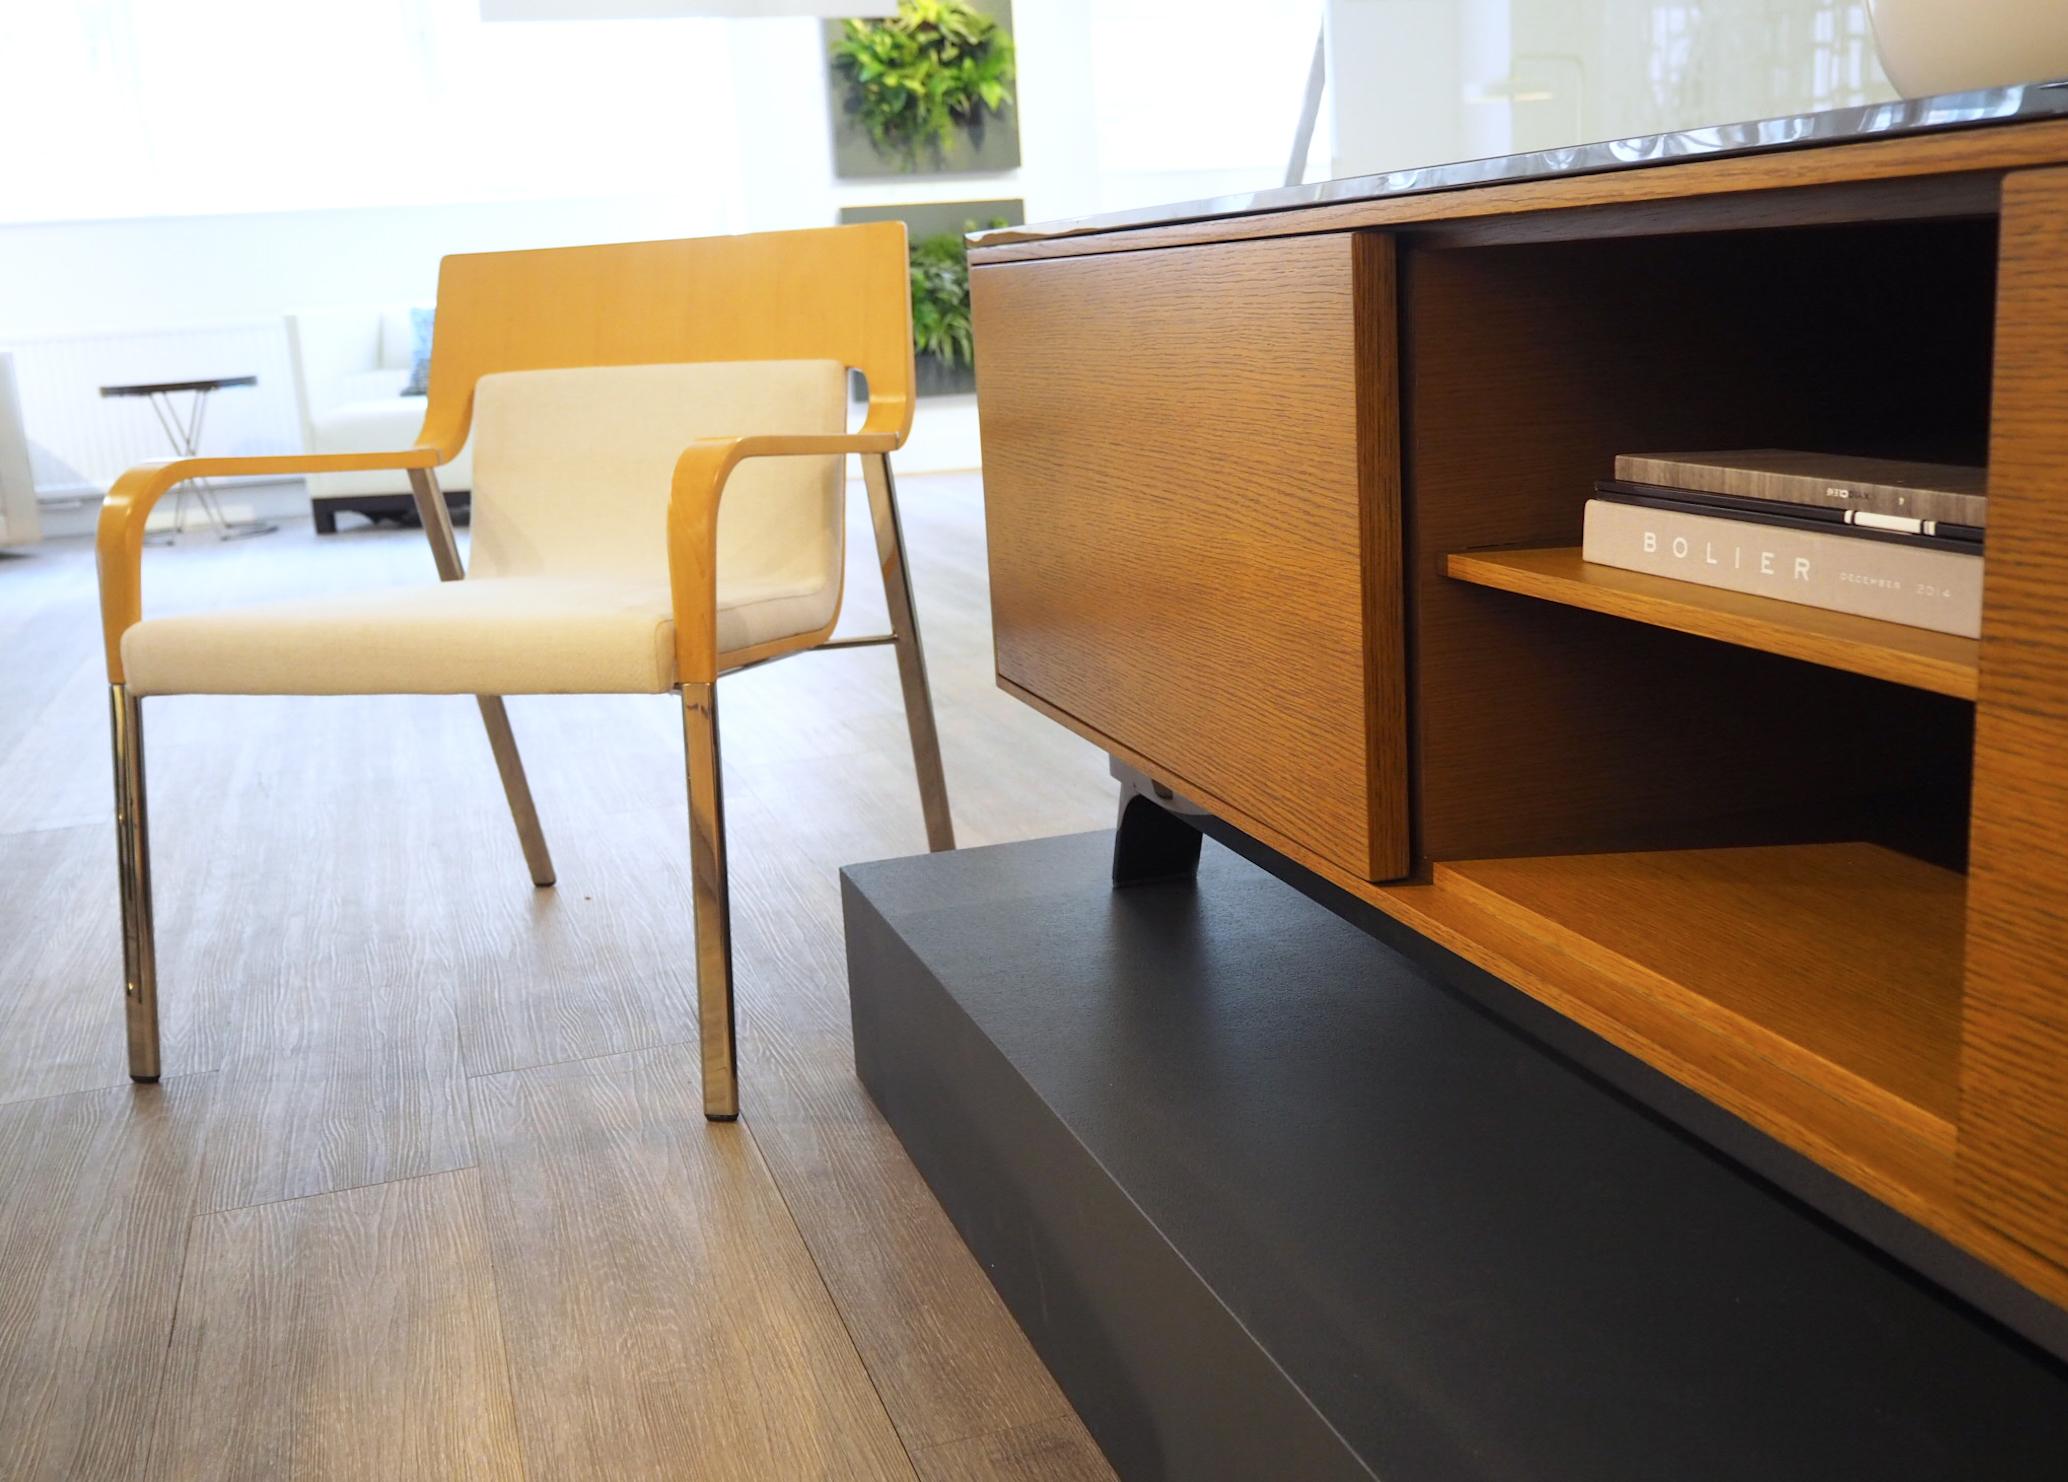 Nocca-gait-modern-office-furniture-decca-london